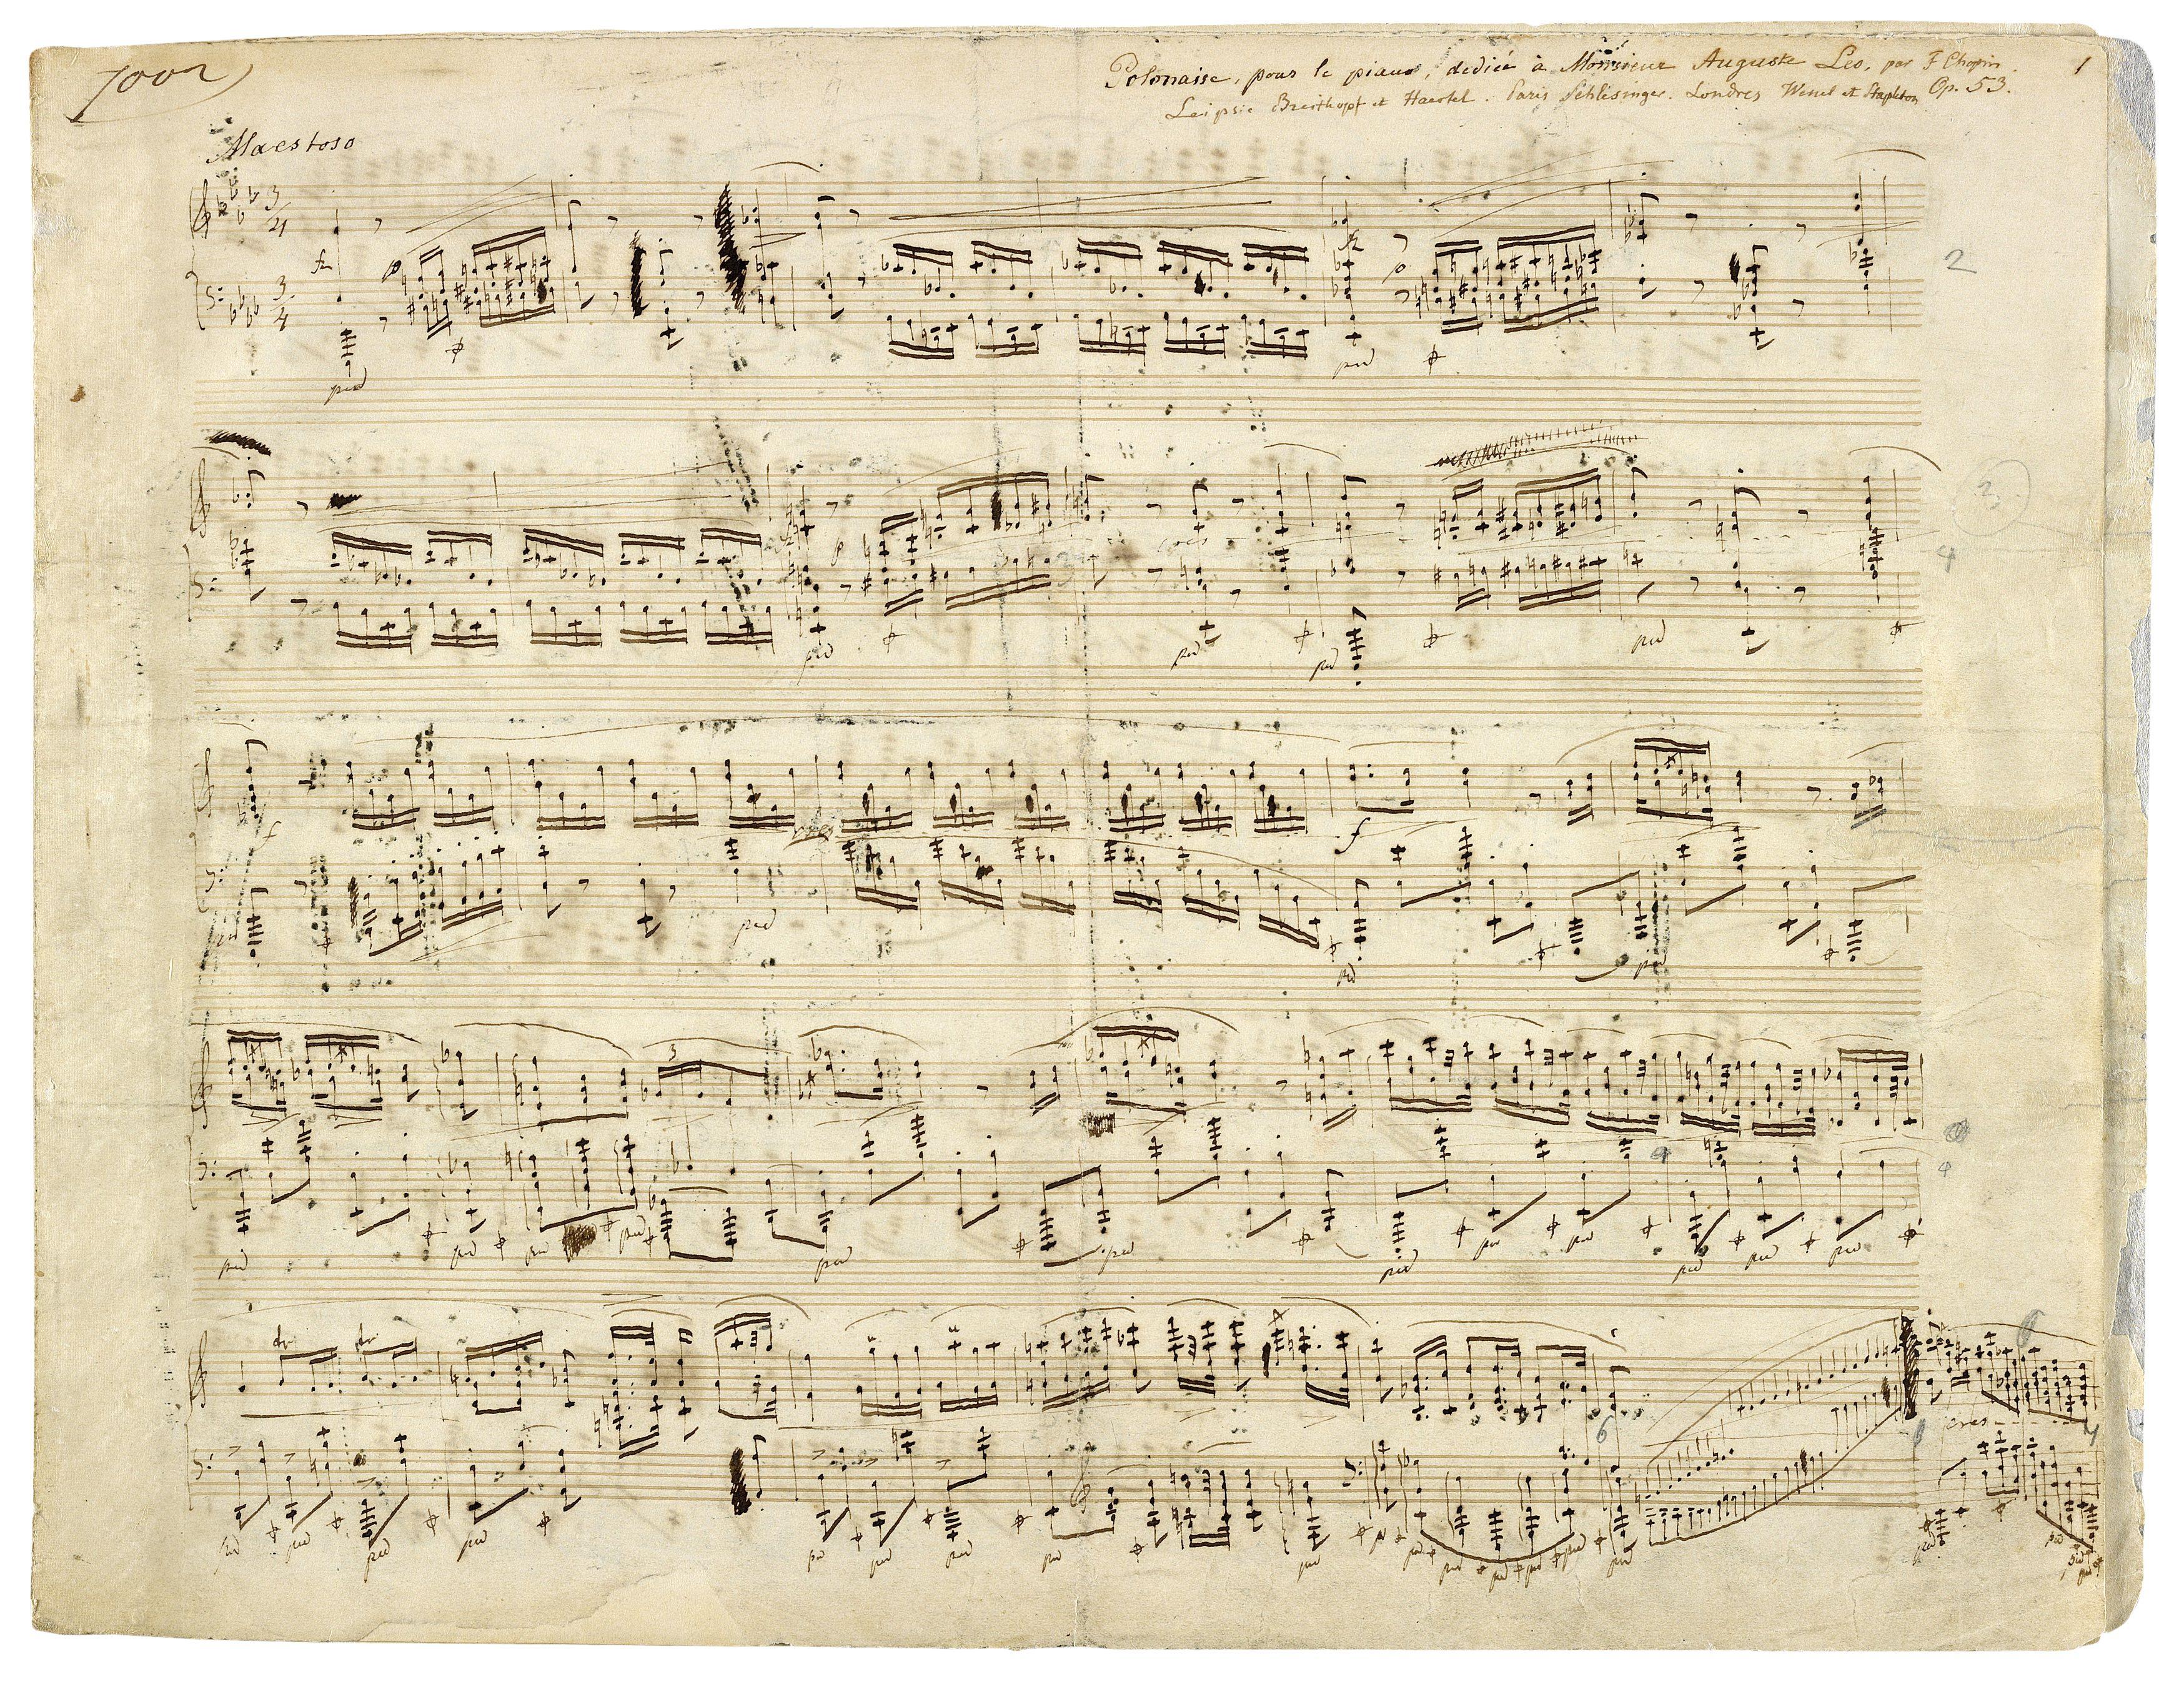 Alex Mealey - 4.11.13- chopin music - www.MyFrenchLife.org